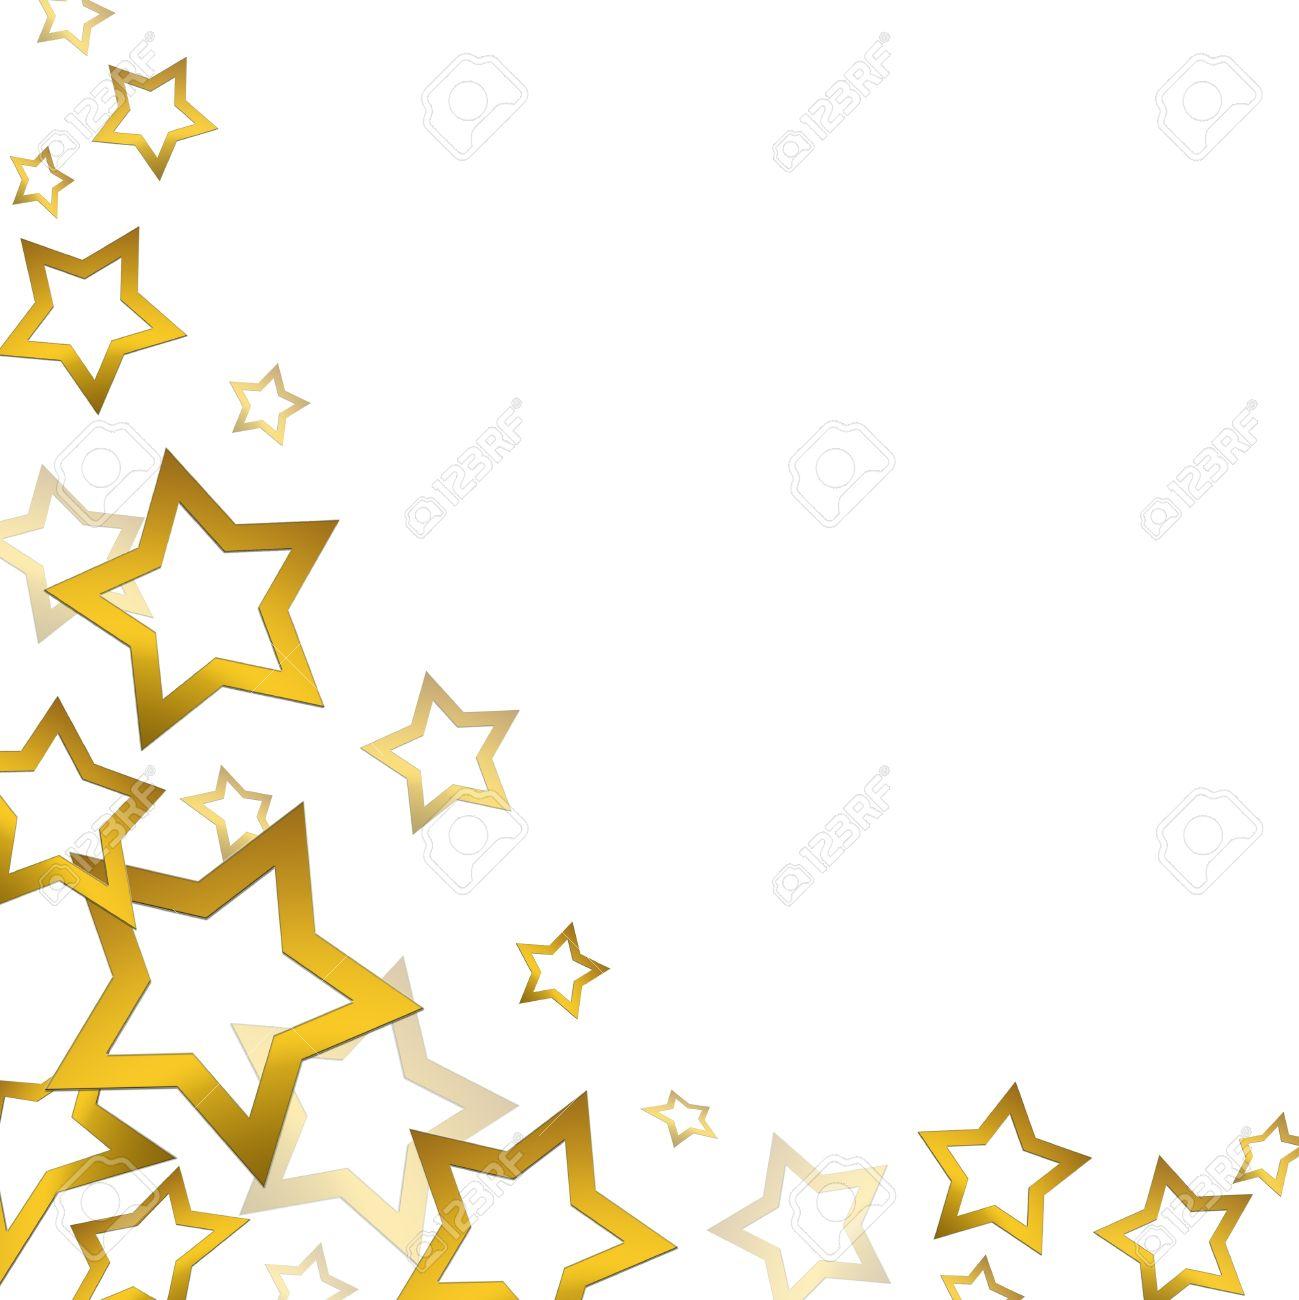 1299x1300 Confetti Clipart Gold Star